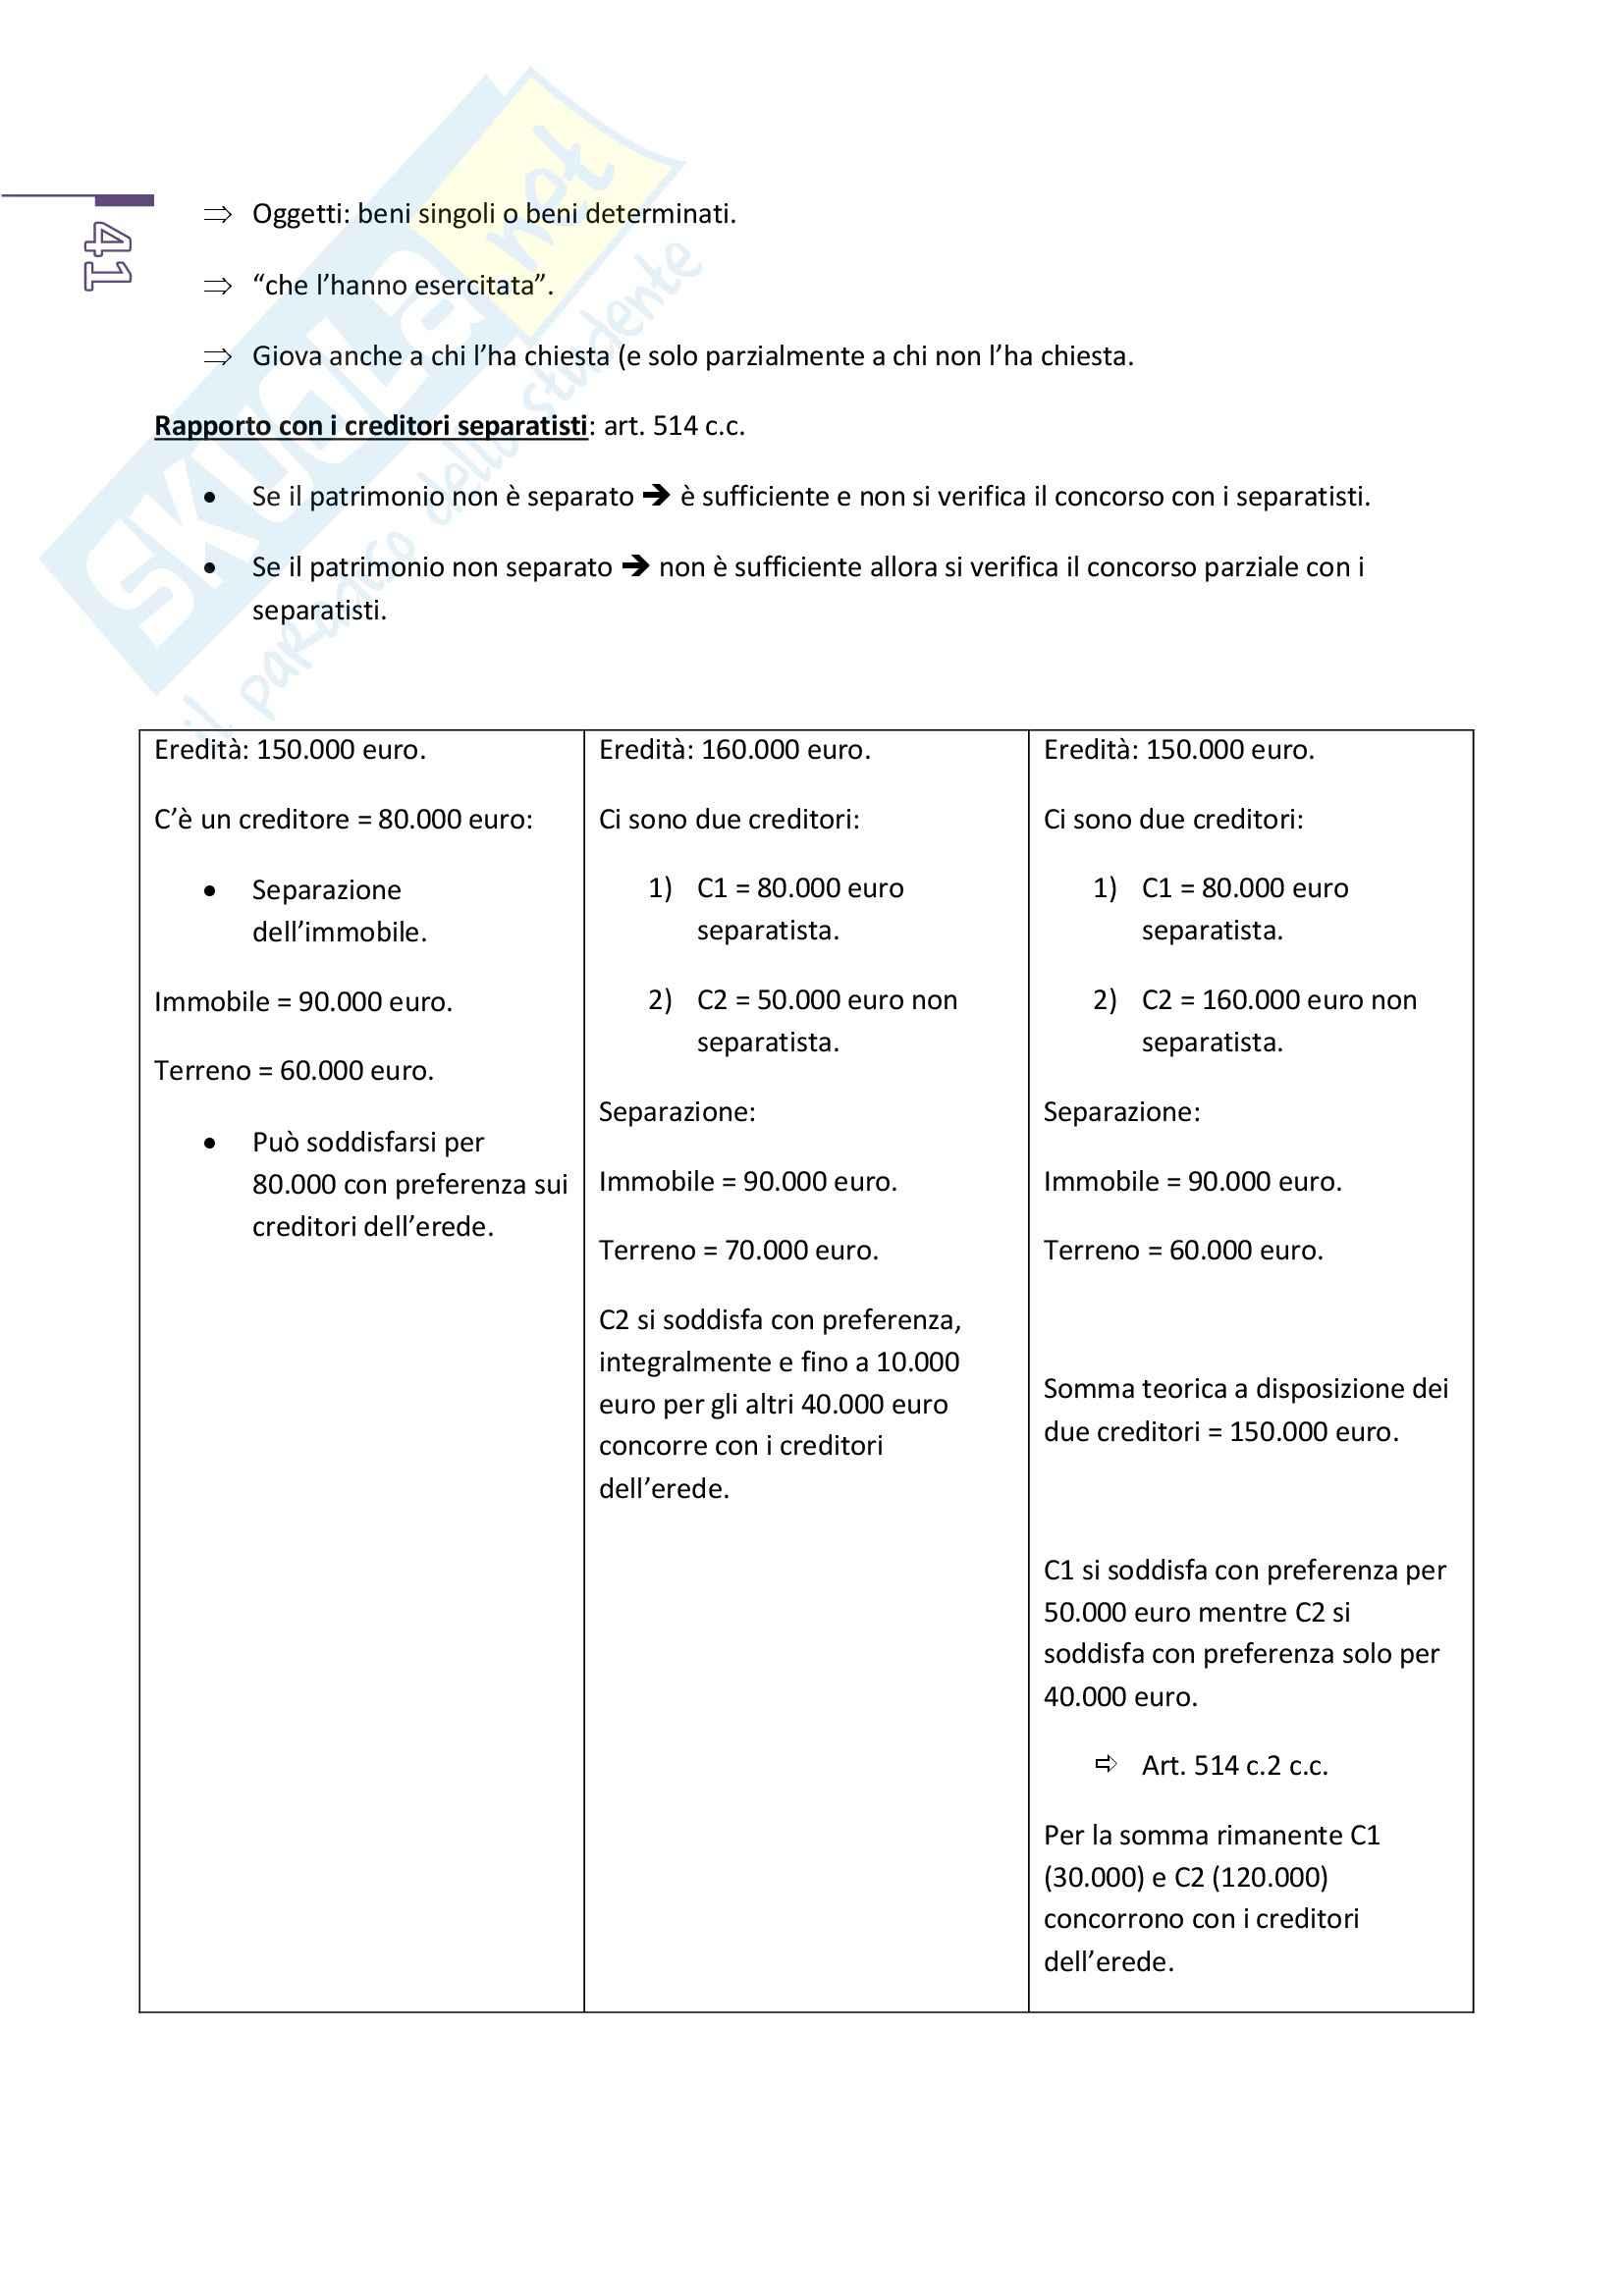 Appunti di diritto privato 2, prof. Benacchio (unitn) Pag. 41